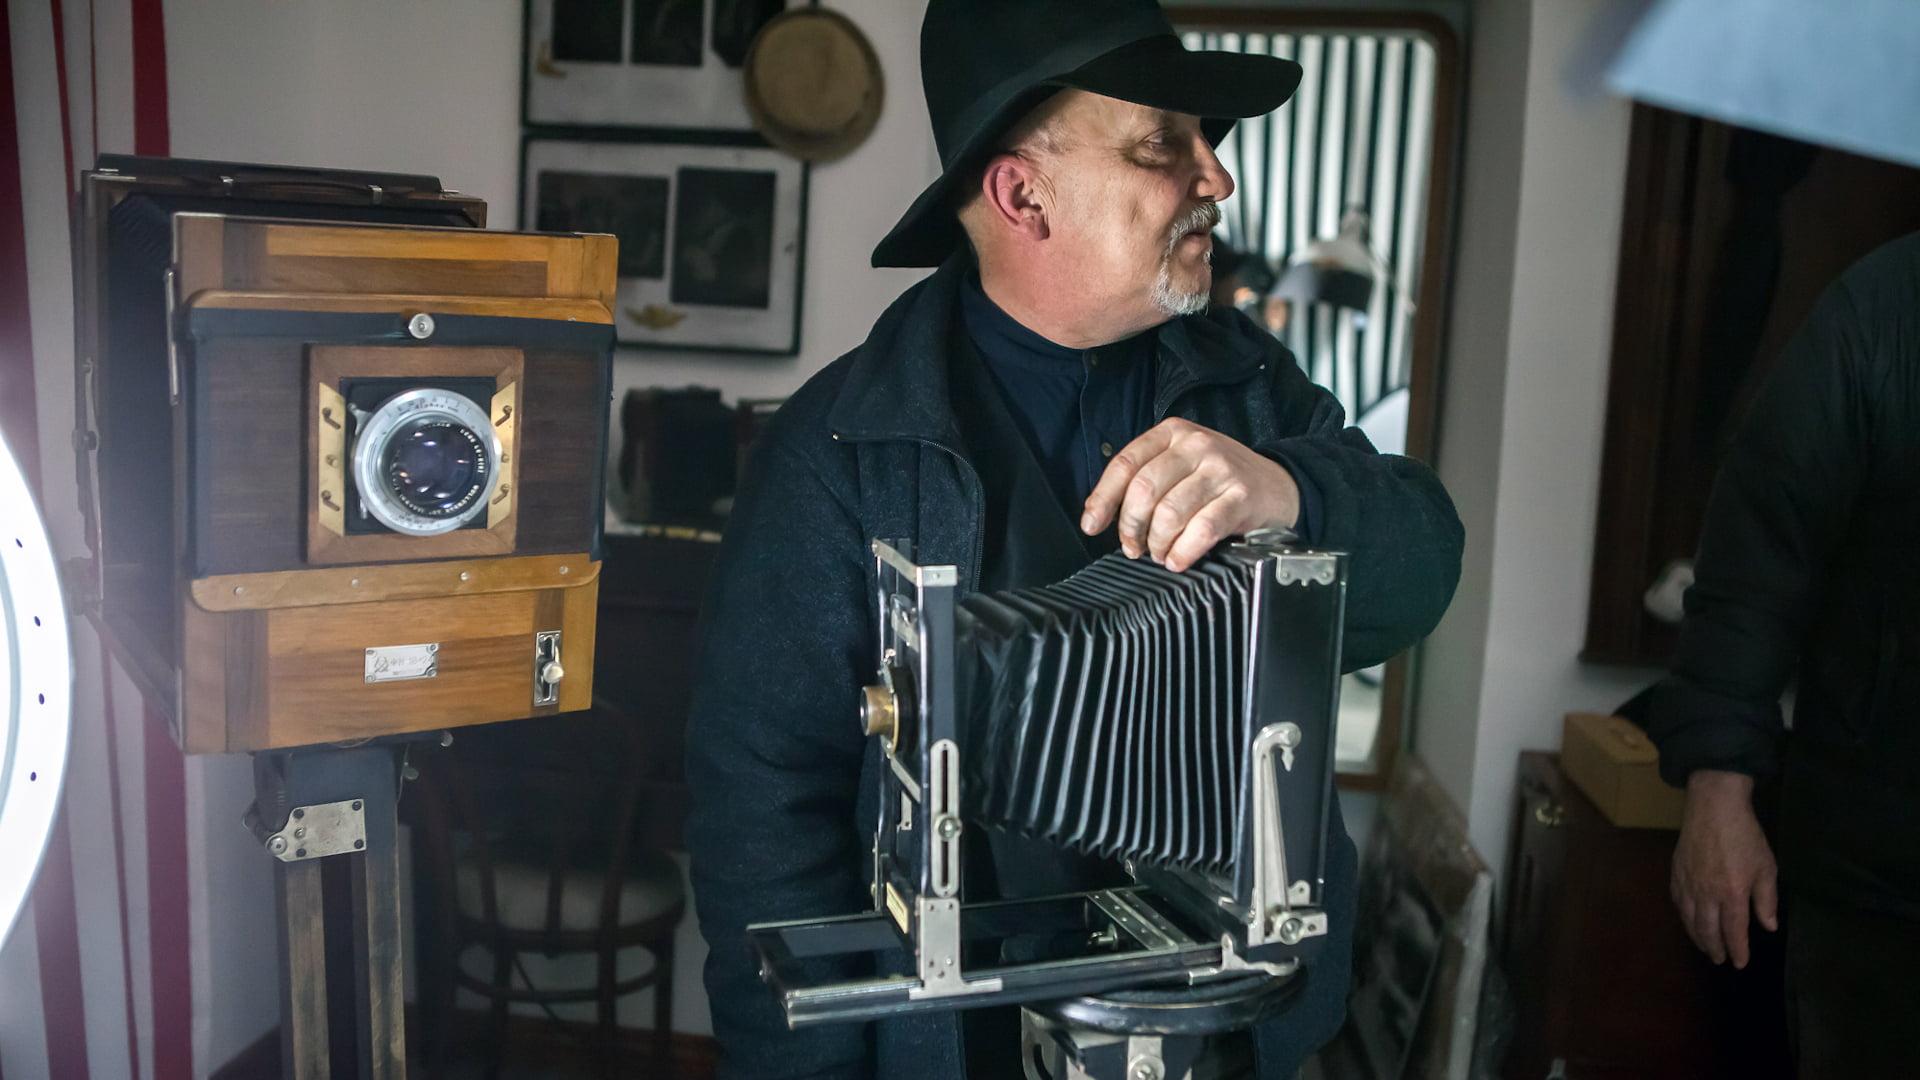 Na zdjęciu Roman Krawczenko z zabytkowym aparatem fotograficznym